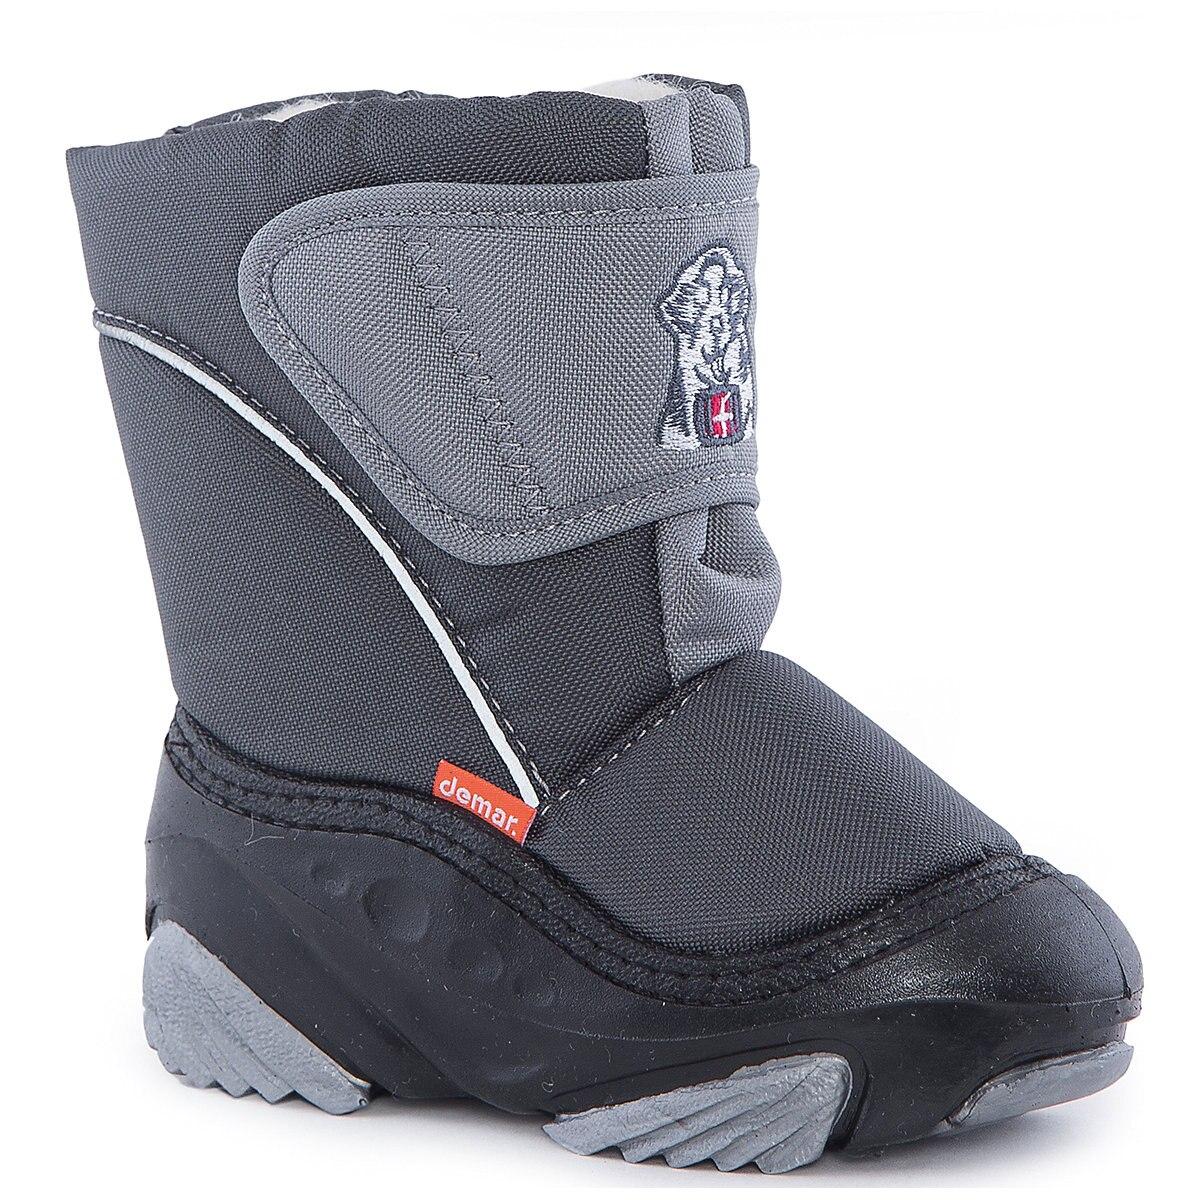 Bottes Demar pour filles 6835183 Valenki Uggi hiver bébé enfants chaussures MTpromo